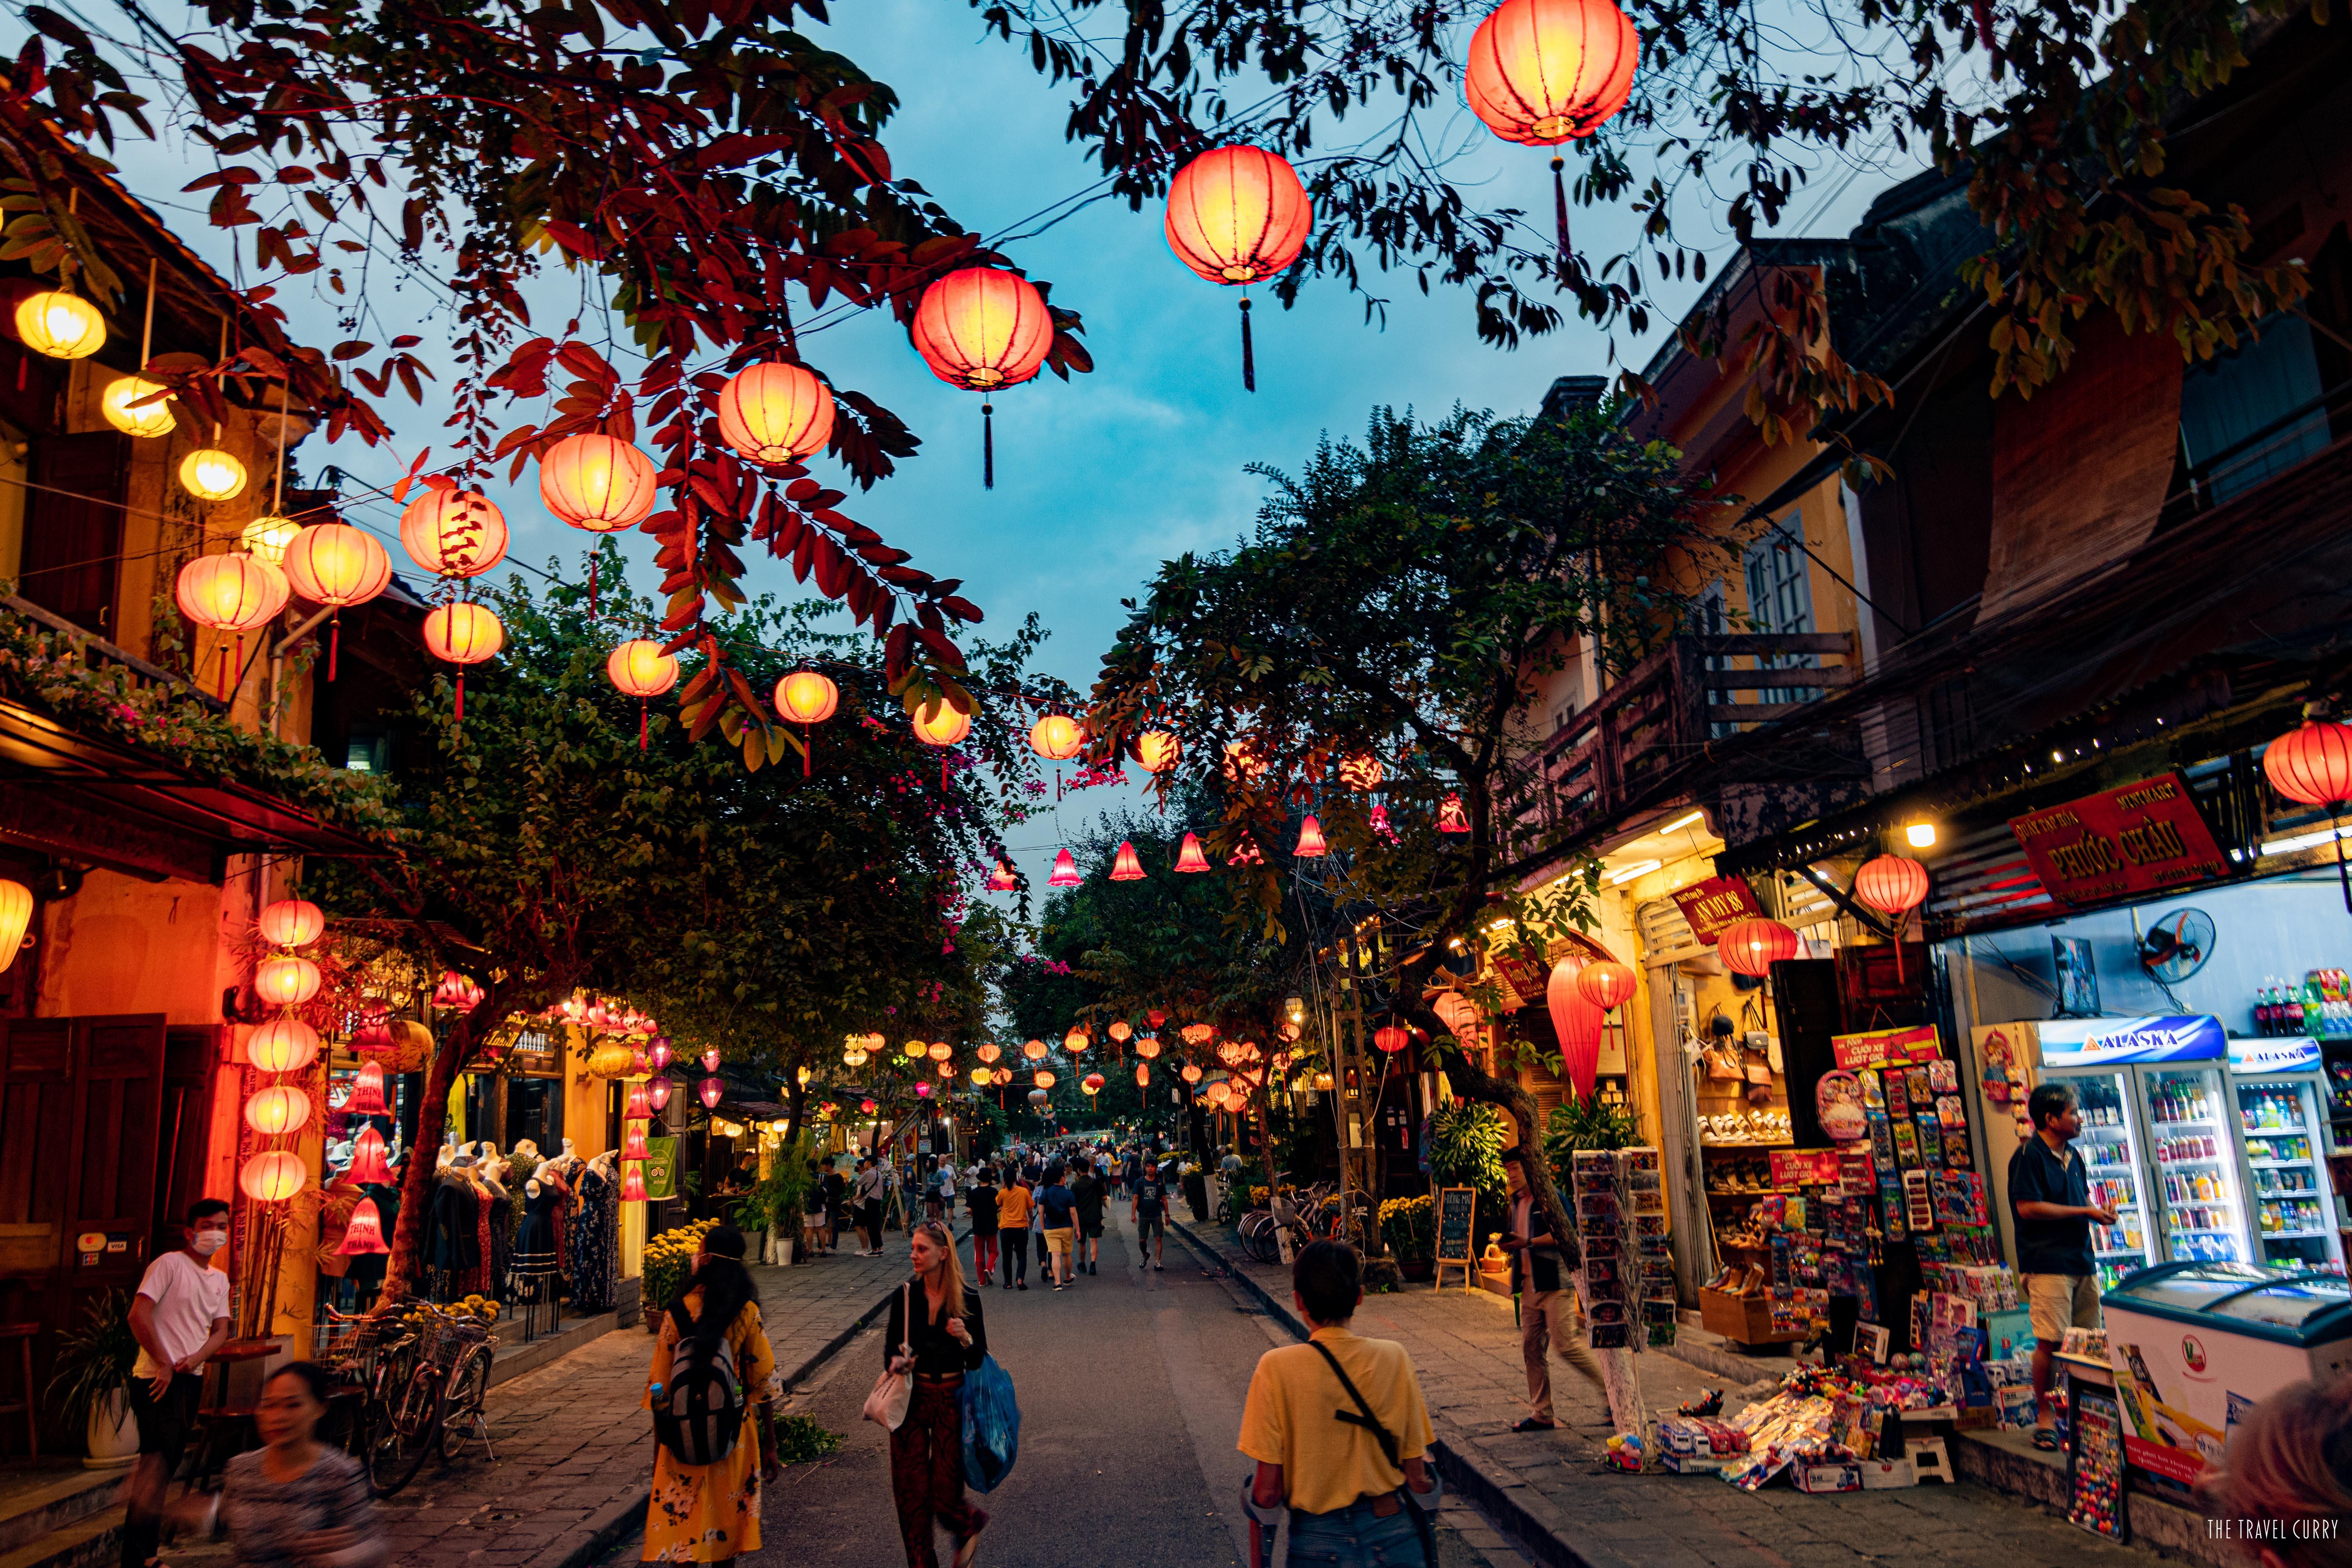 Evening in Hoi An